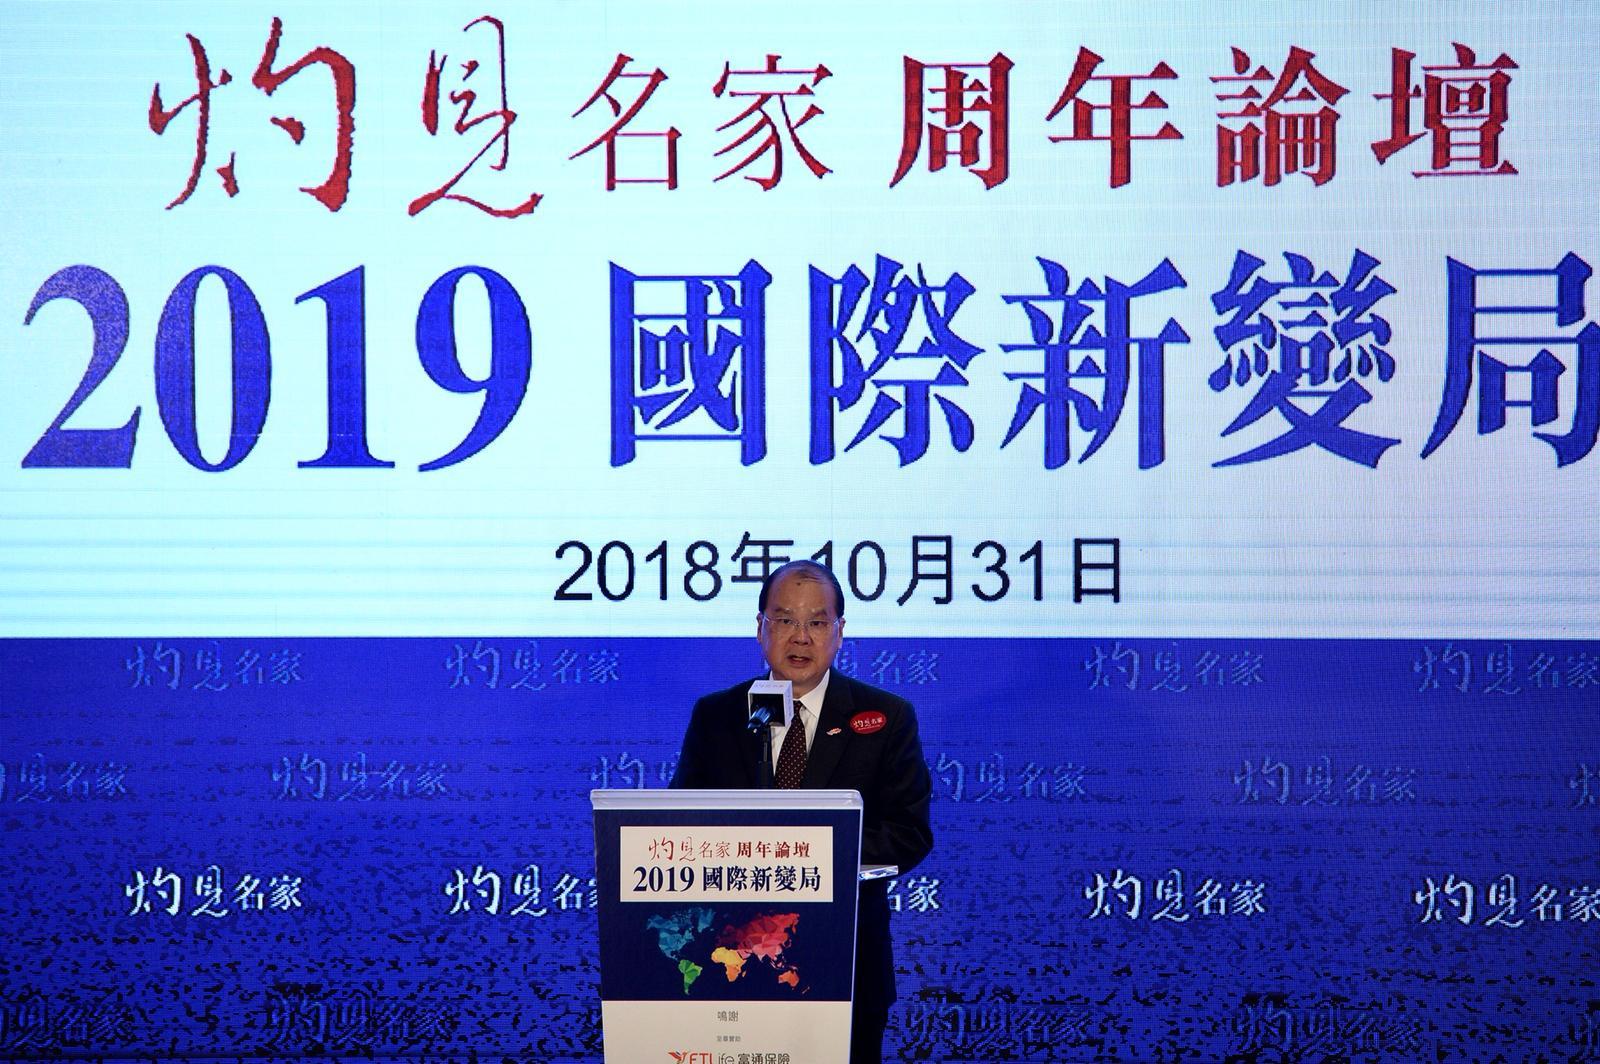 張建宗又期望各方透過雙邊洽談及世貿機制處理糾紛。盧江球攝